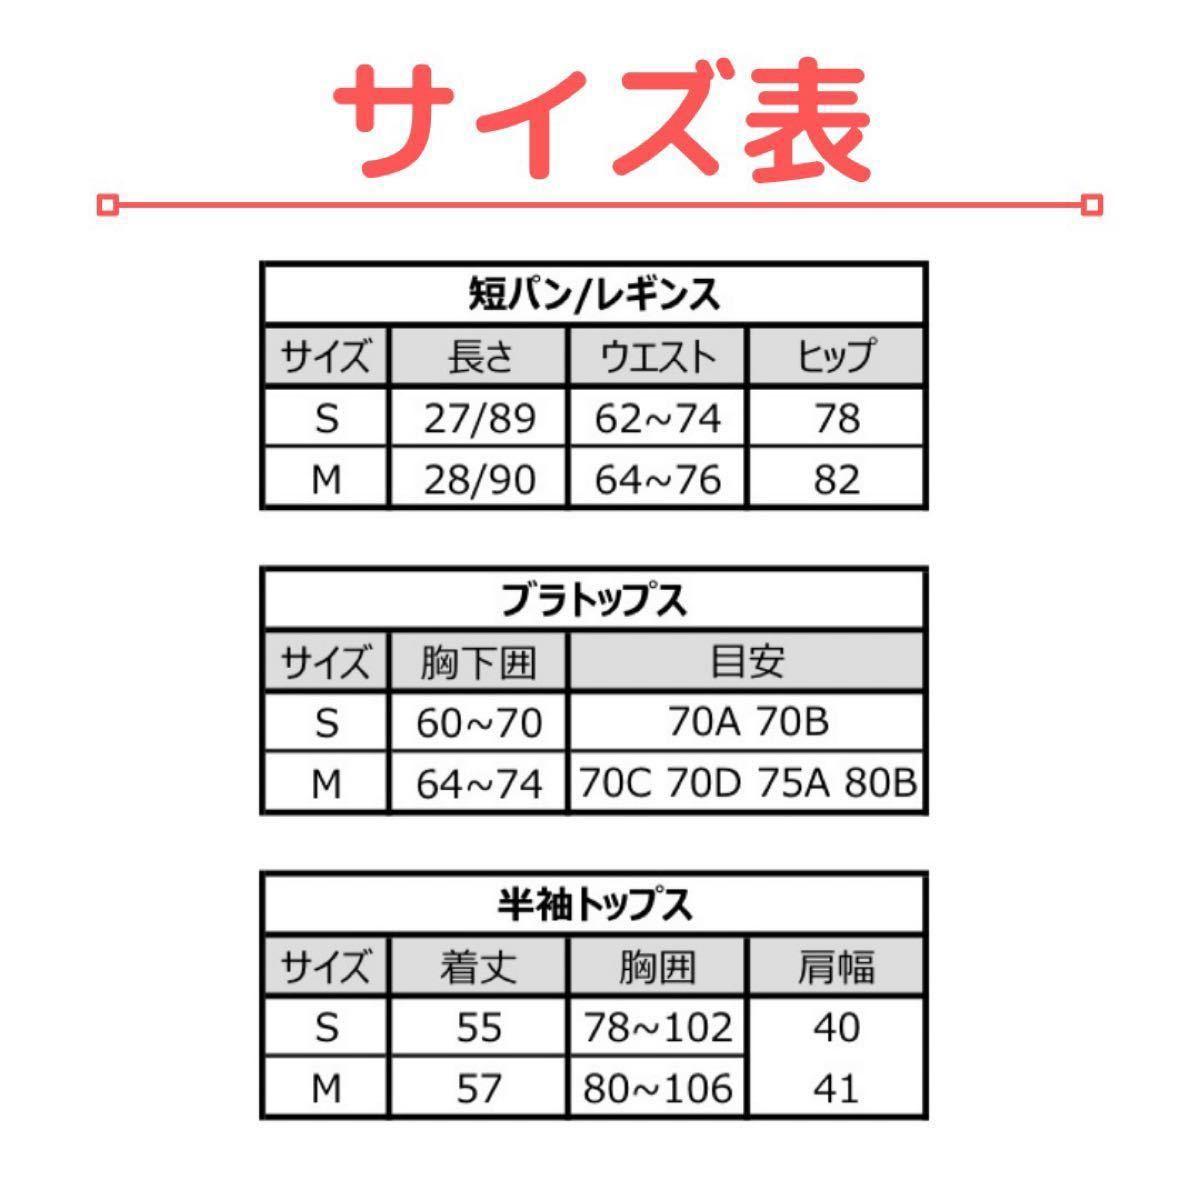 スポーツウェア レディース ヨガウェア トレーニングウェア ランニングウェア 3点セットジム フィットネス